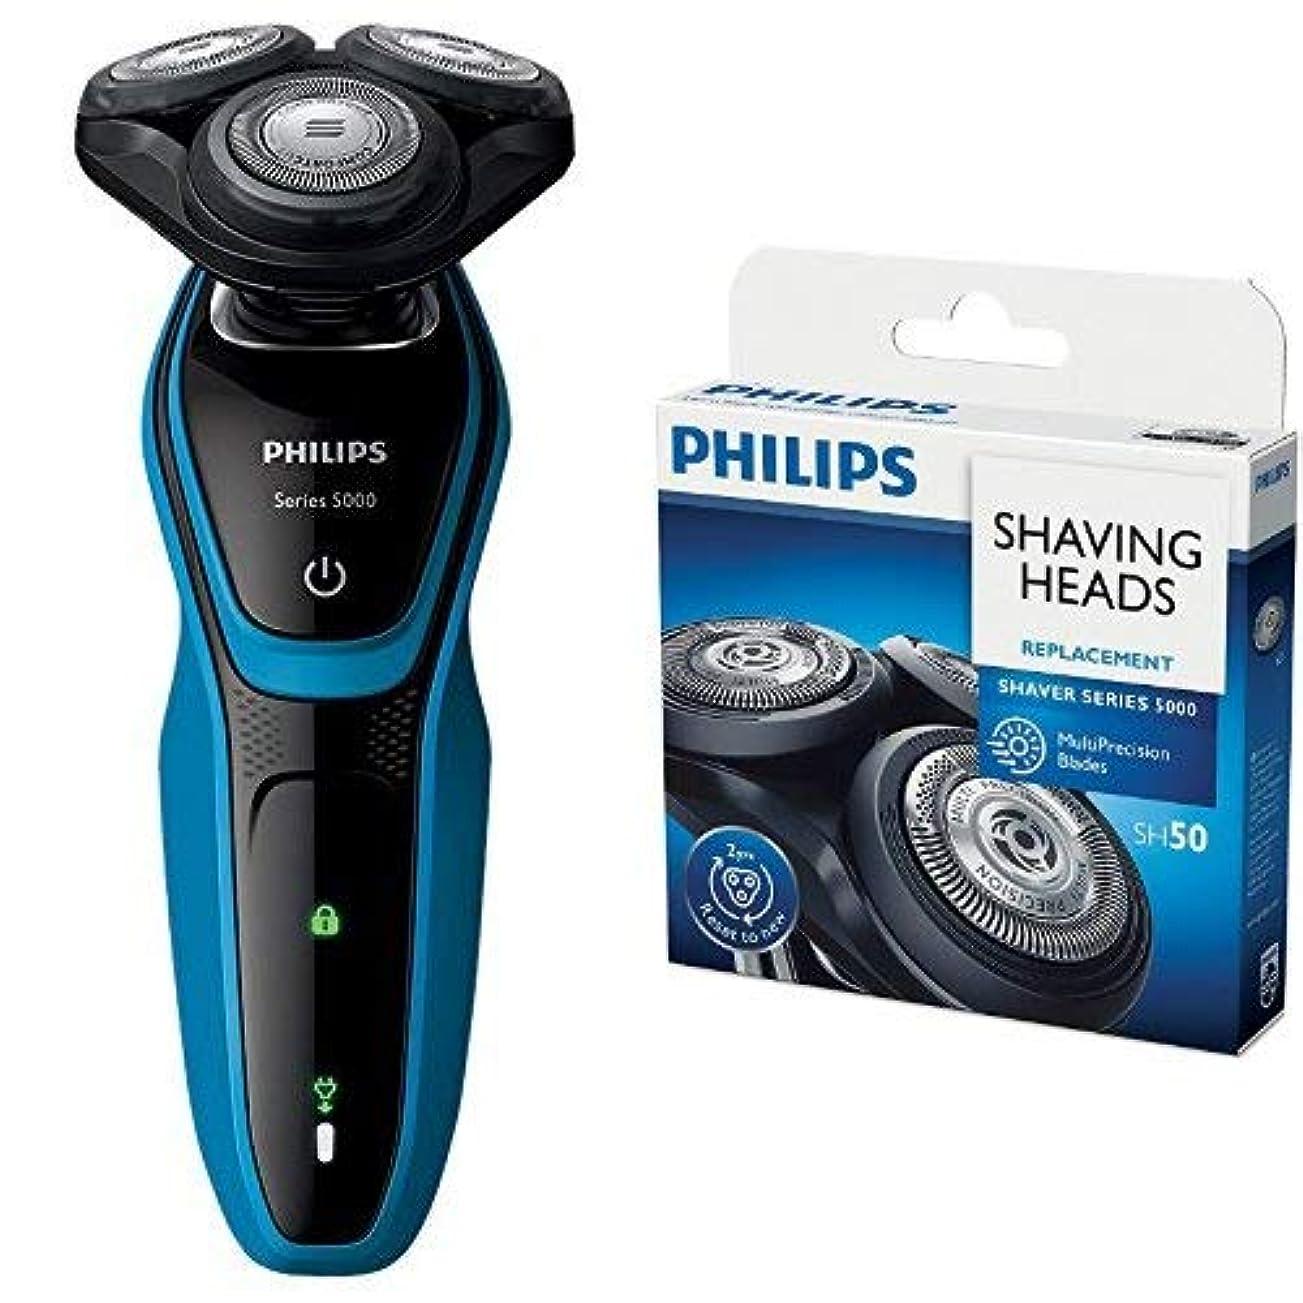 アトラスボックスリーフレット[セット販売]フィリップス 5000シリーズ メンズ 電気シェーバー 27枚刃 回転式 お風呂剃り & 丸洗い可 S5050/05 + フィリップス 5000シリーズ用替刃 SH50/51